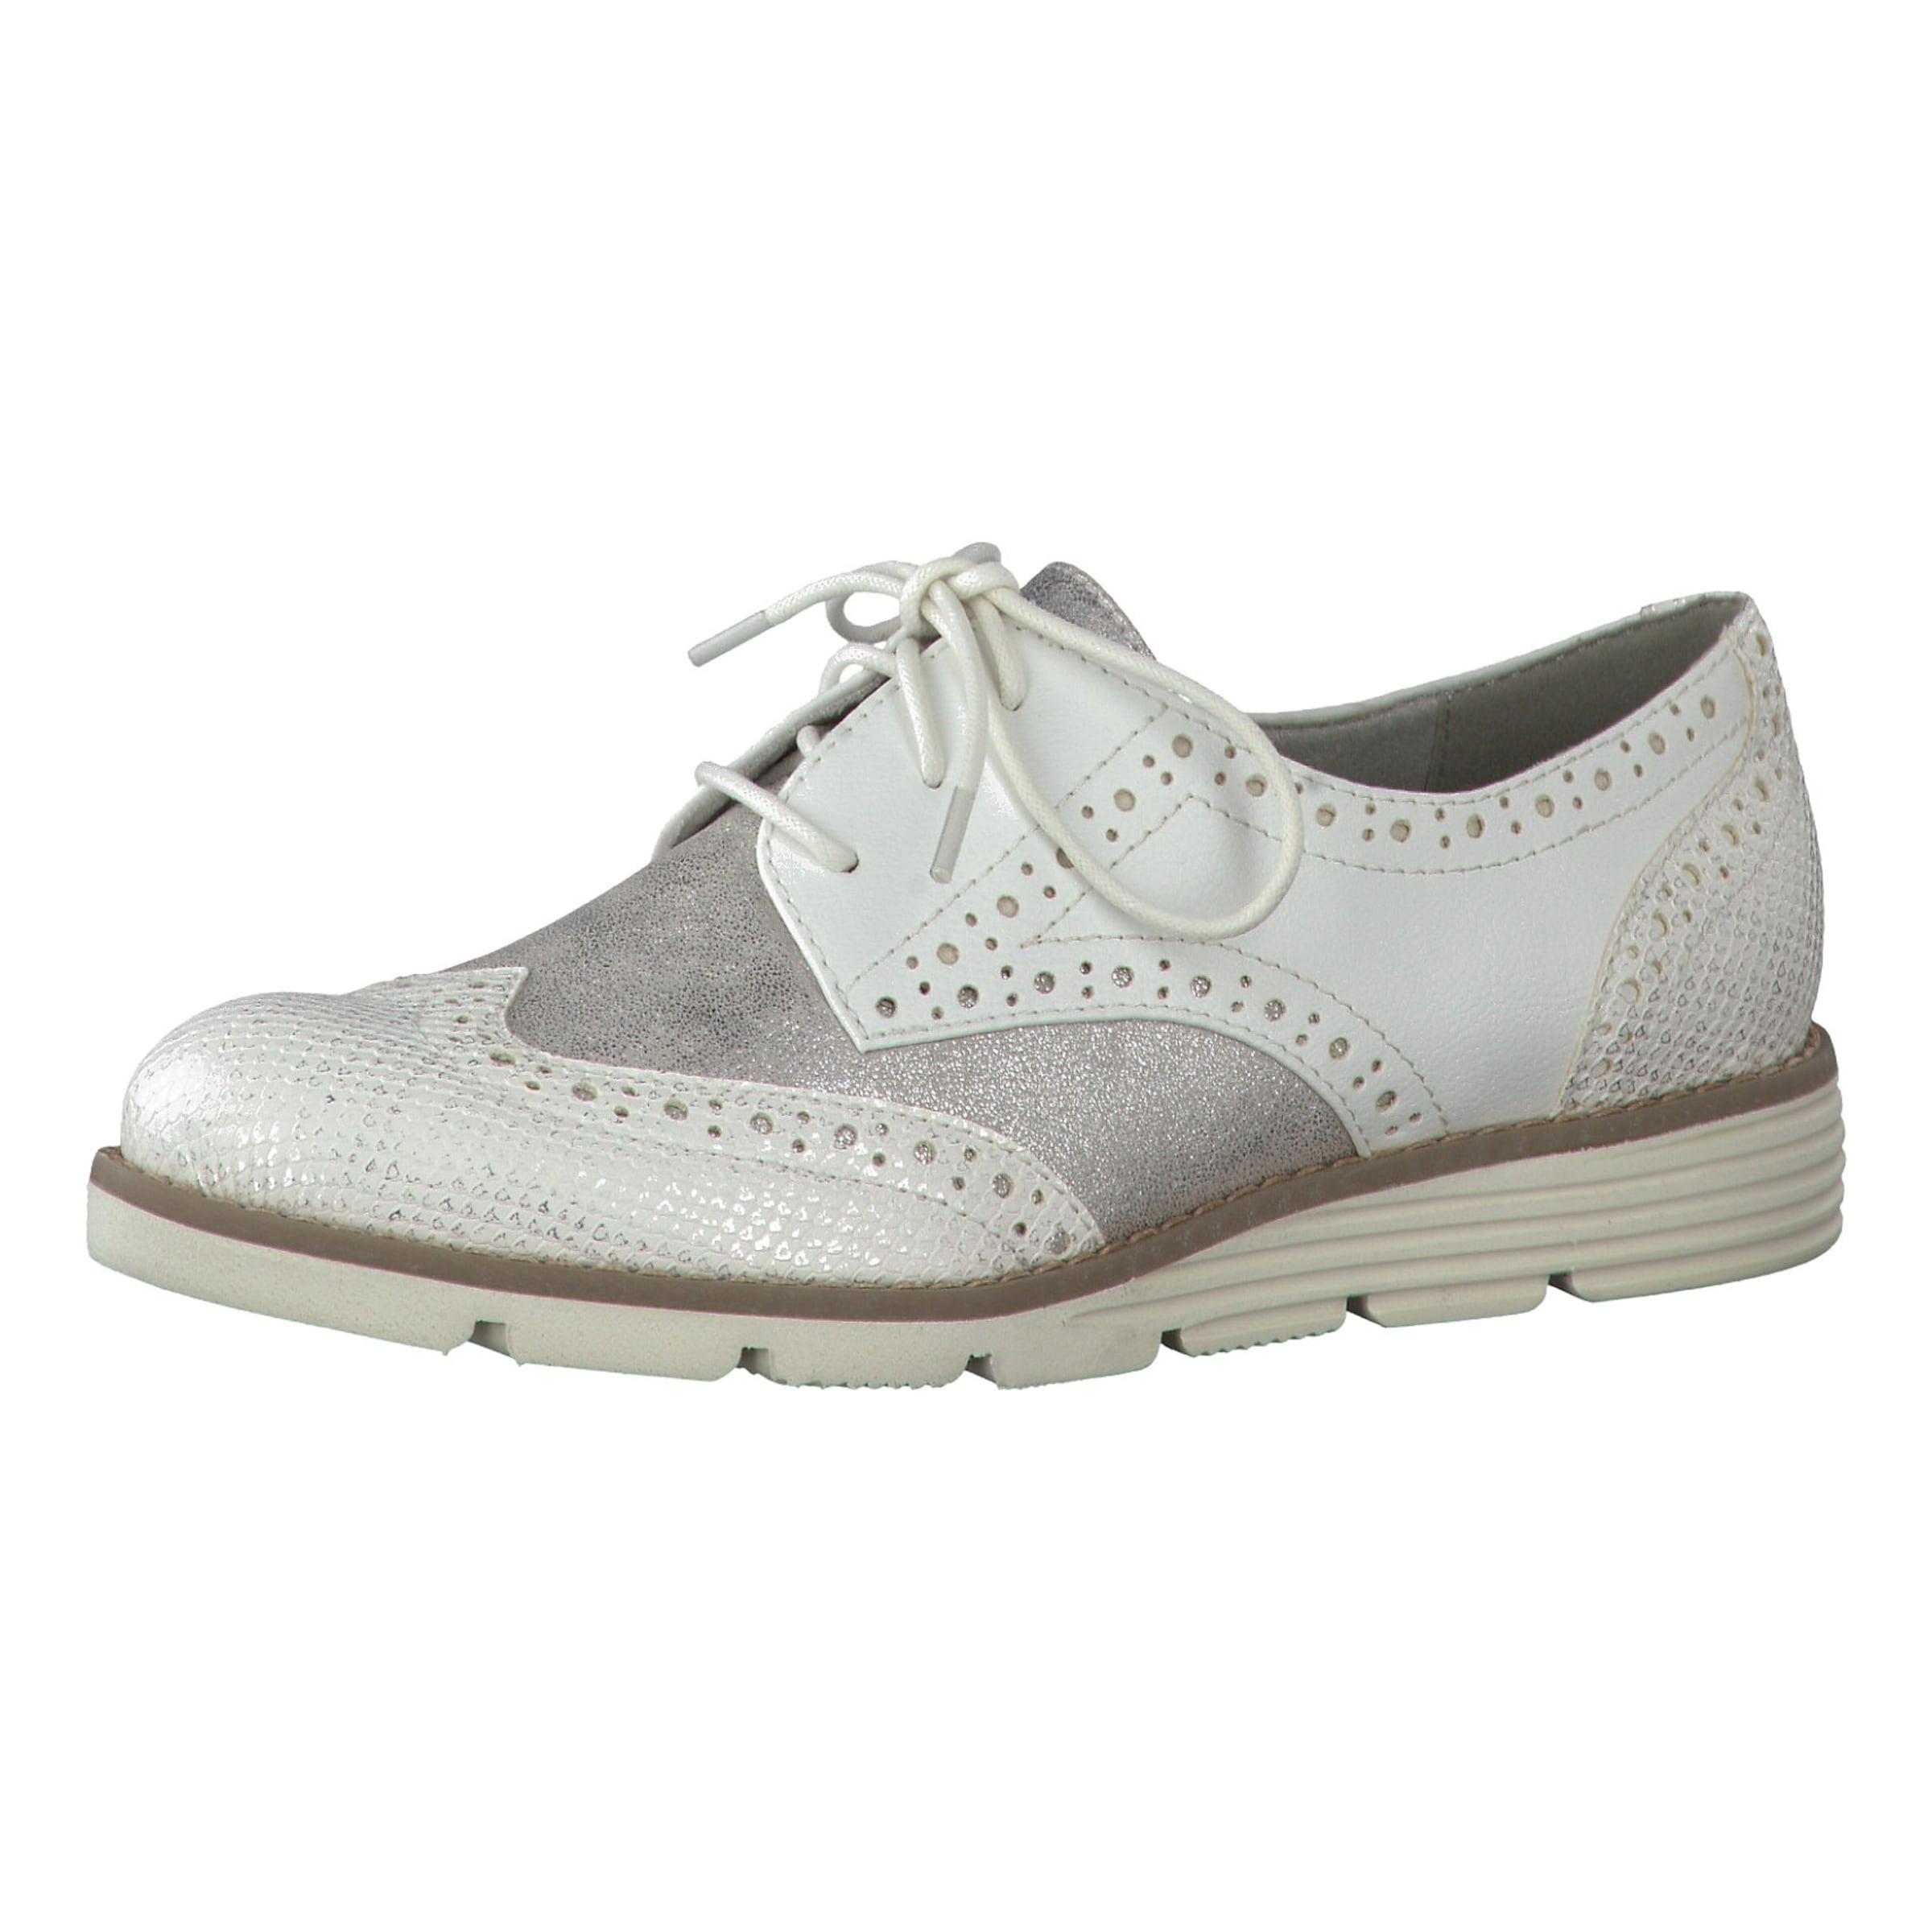 s.Oliver RED LABEL Halbschuhe Günstige und langlebige Schuhe